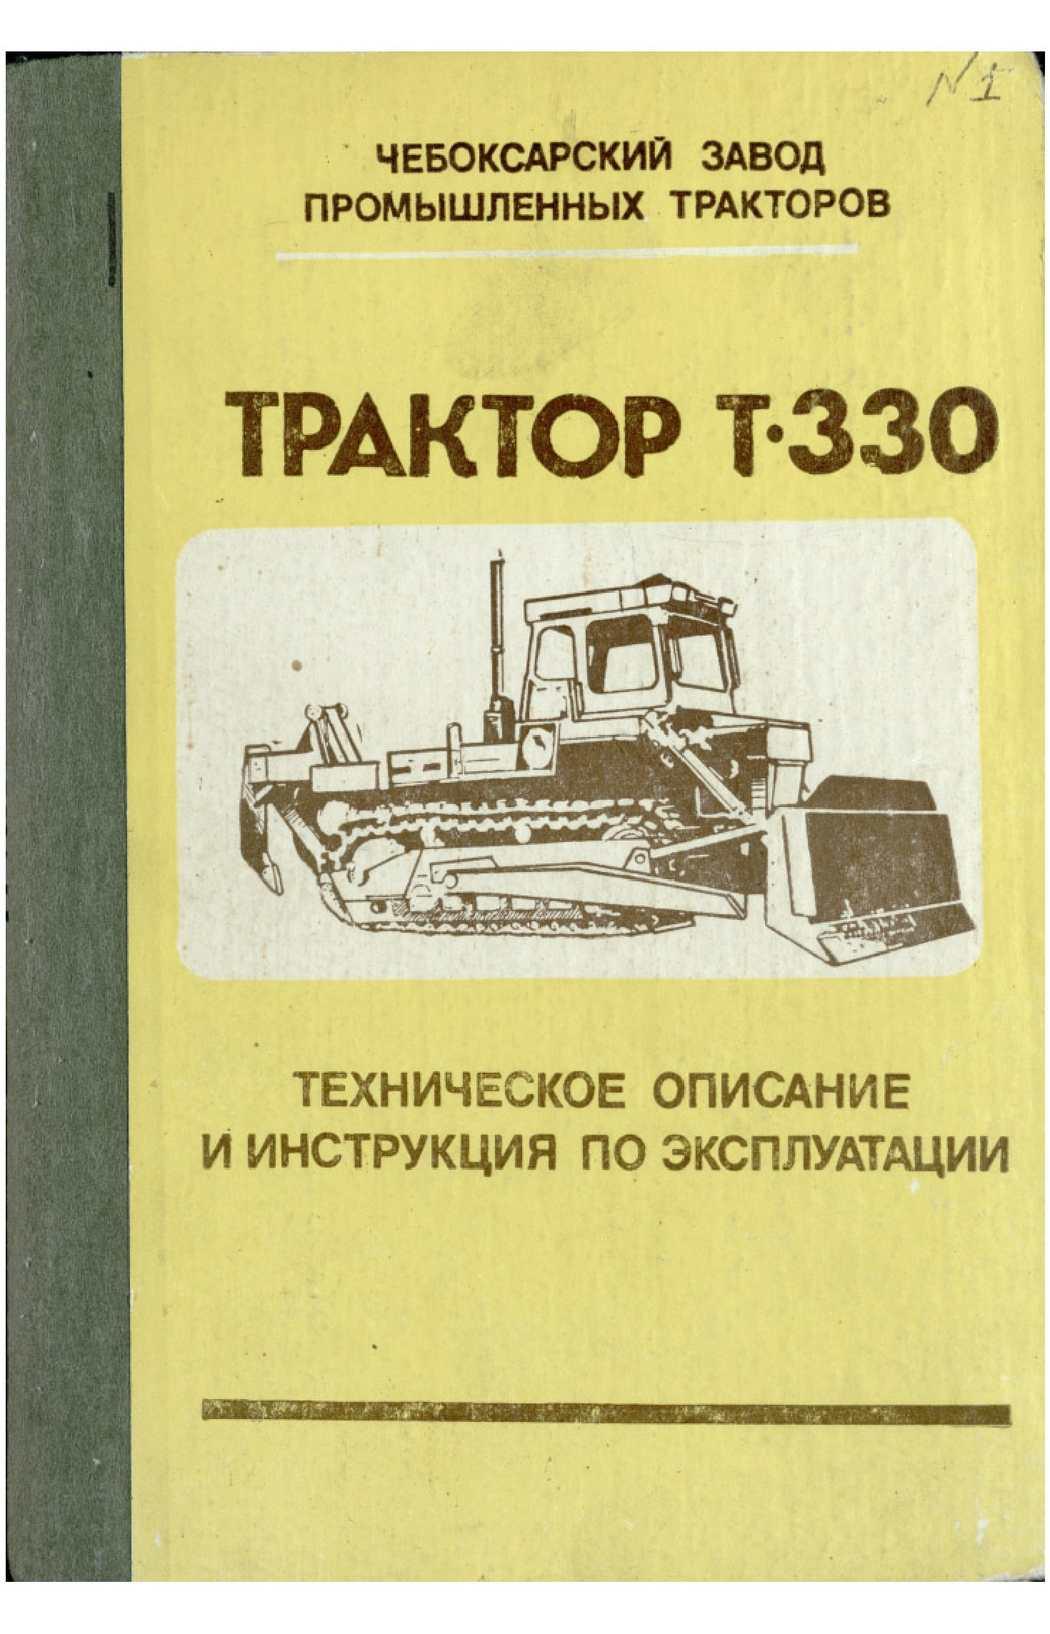 Трактор Т-330 Техническое описание и инструкция по эксплуатации